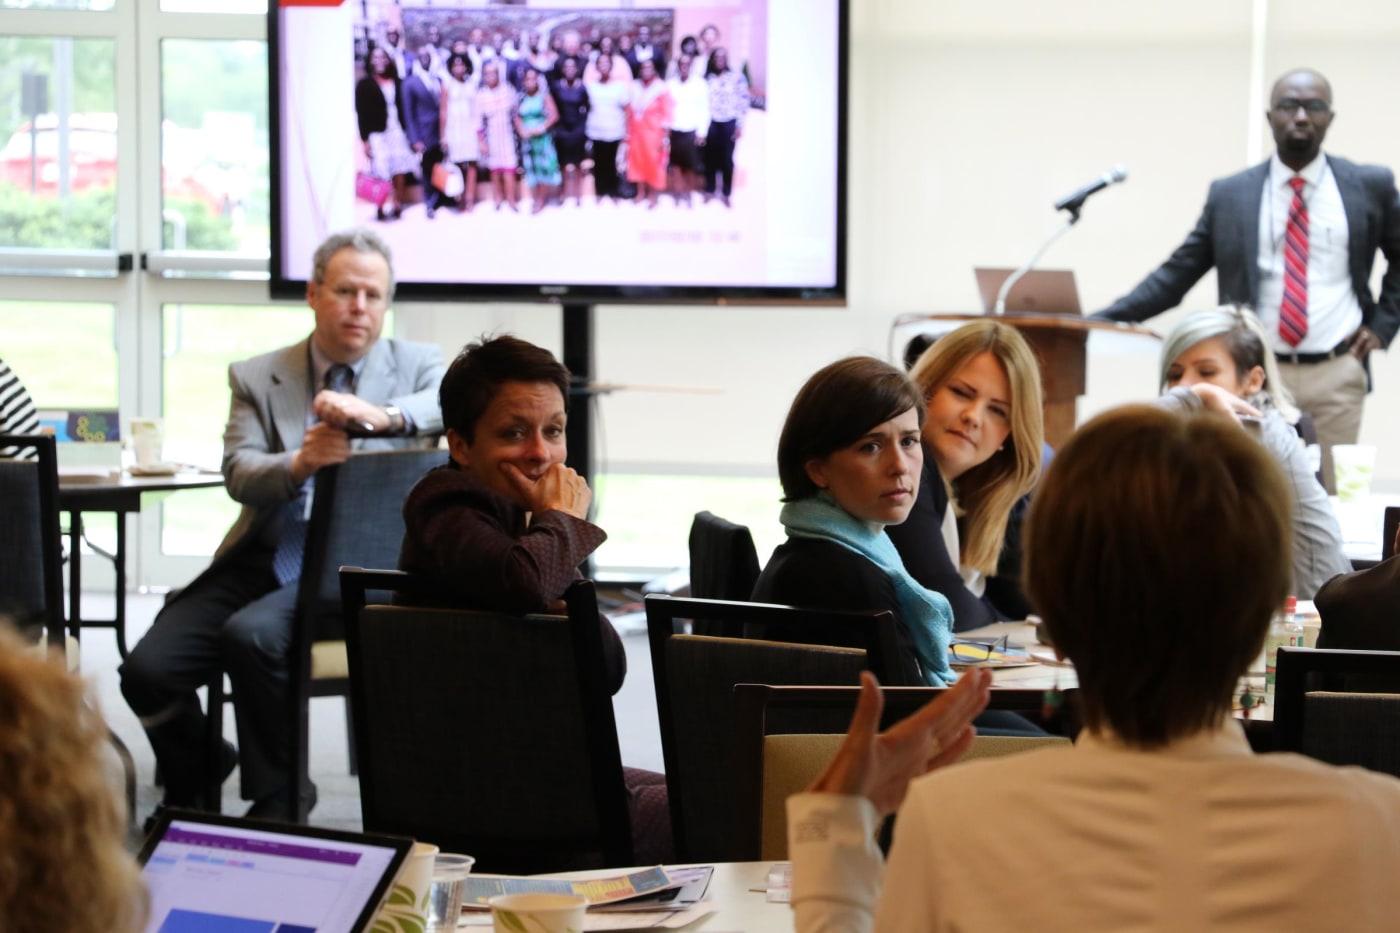 Rafael Perez-Escamilla, Maria Flothkötter, Elizabeth Whelan, Julianne Menzel, Muriel Gubert and Richmond Aryeetey